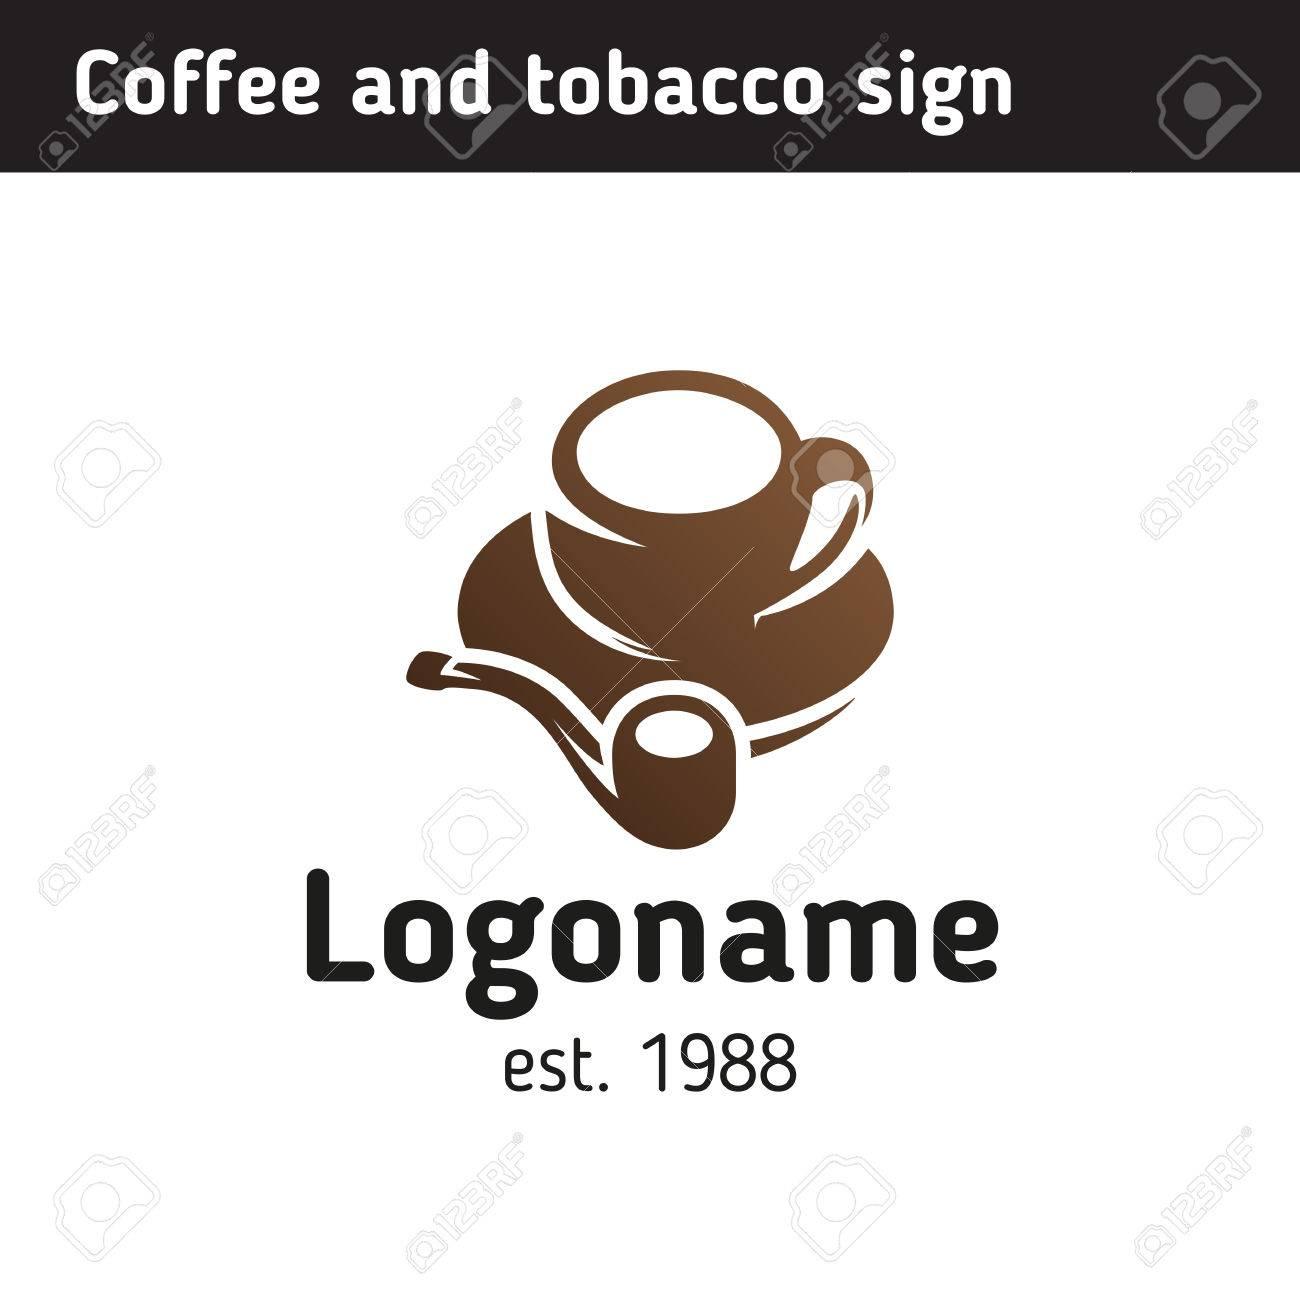 Logo-Vorlage Für Ein Café Und Einen Tabakladen, Eine Tasse Kaffee ...